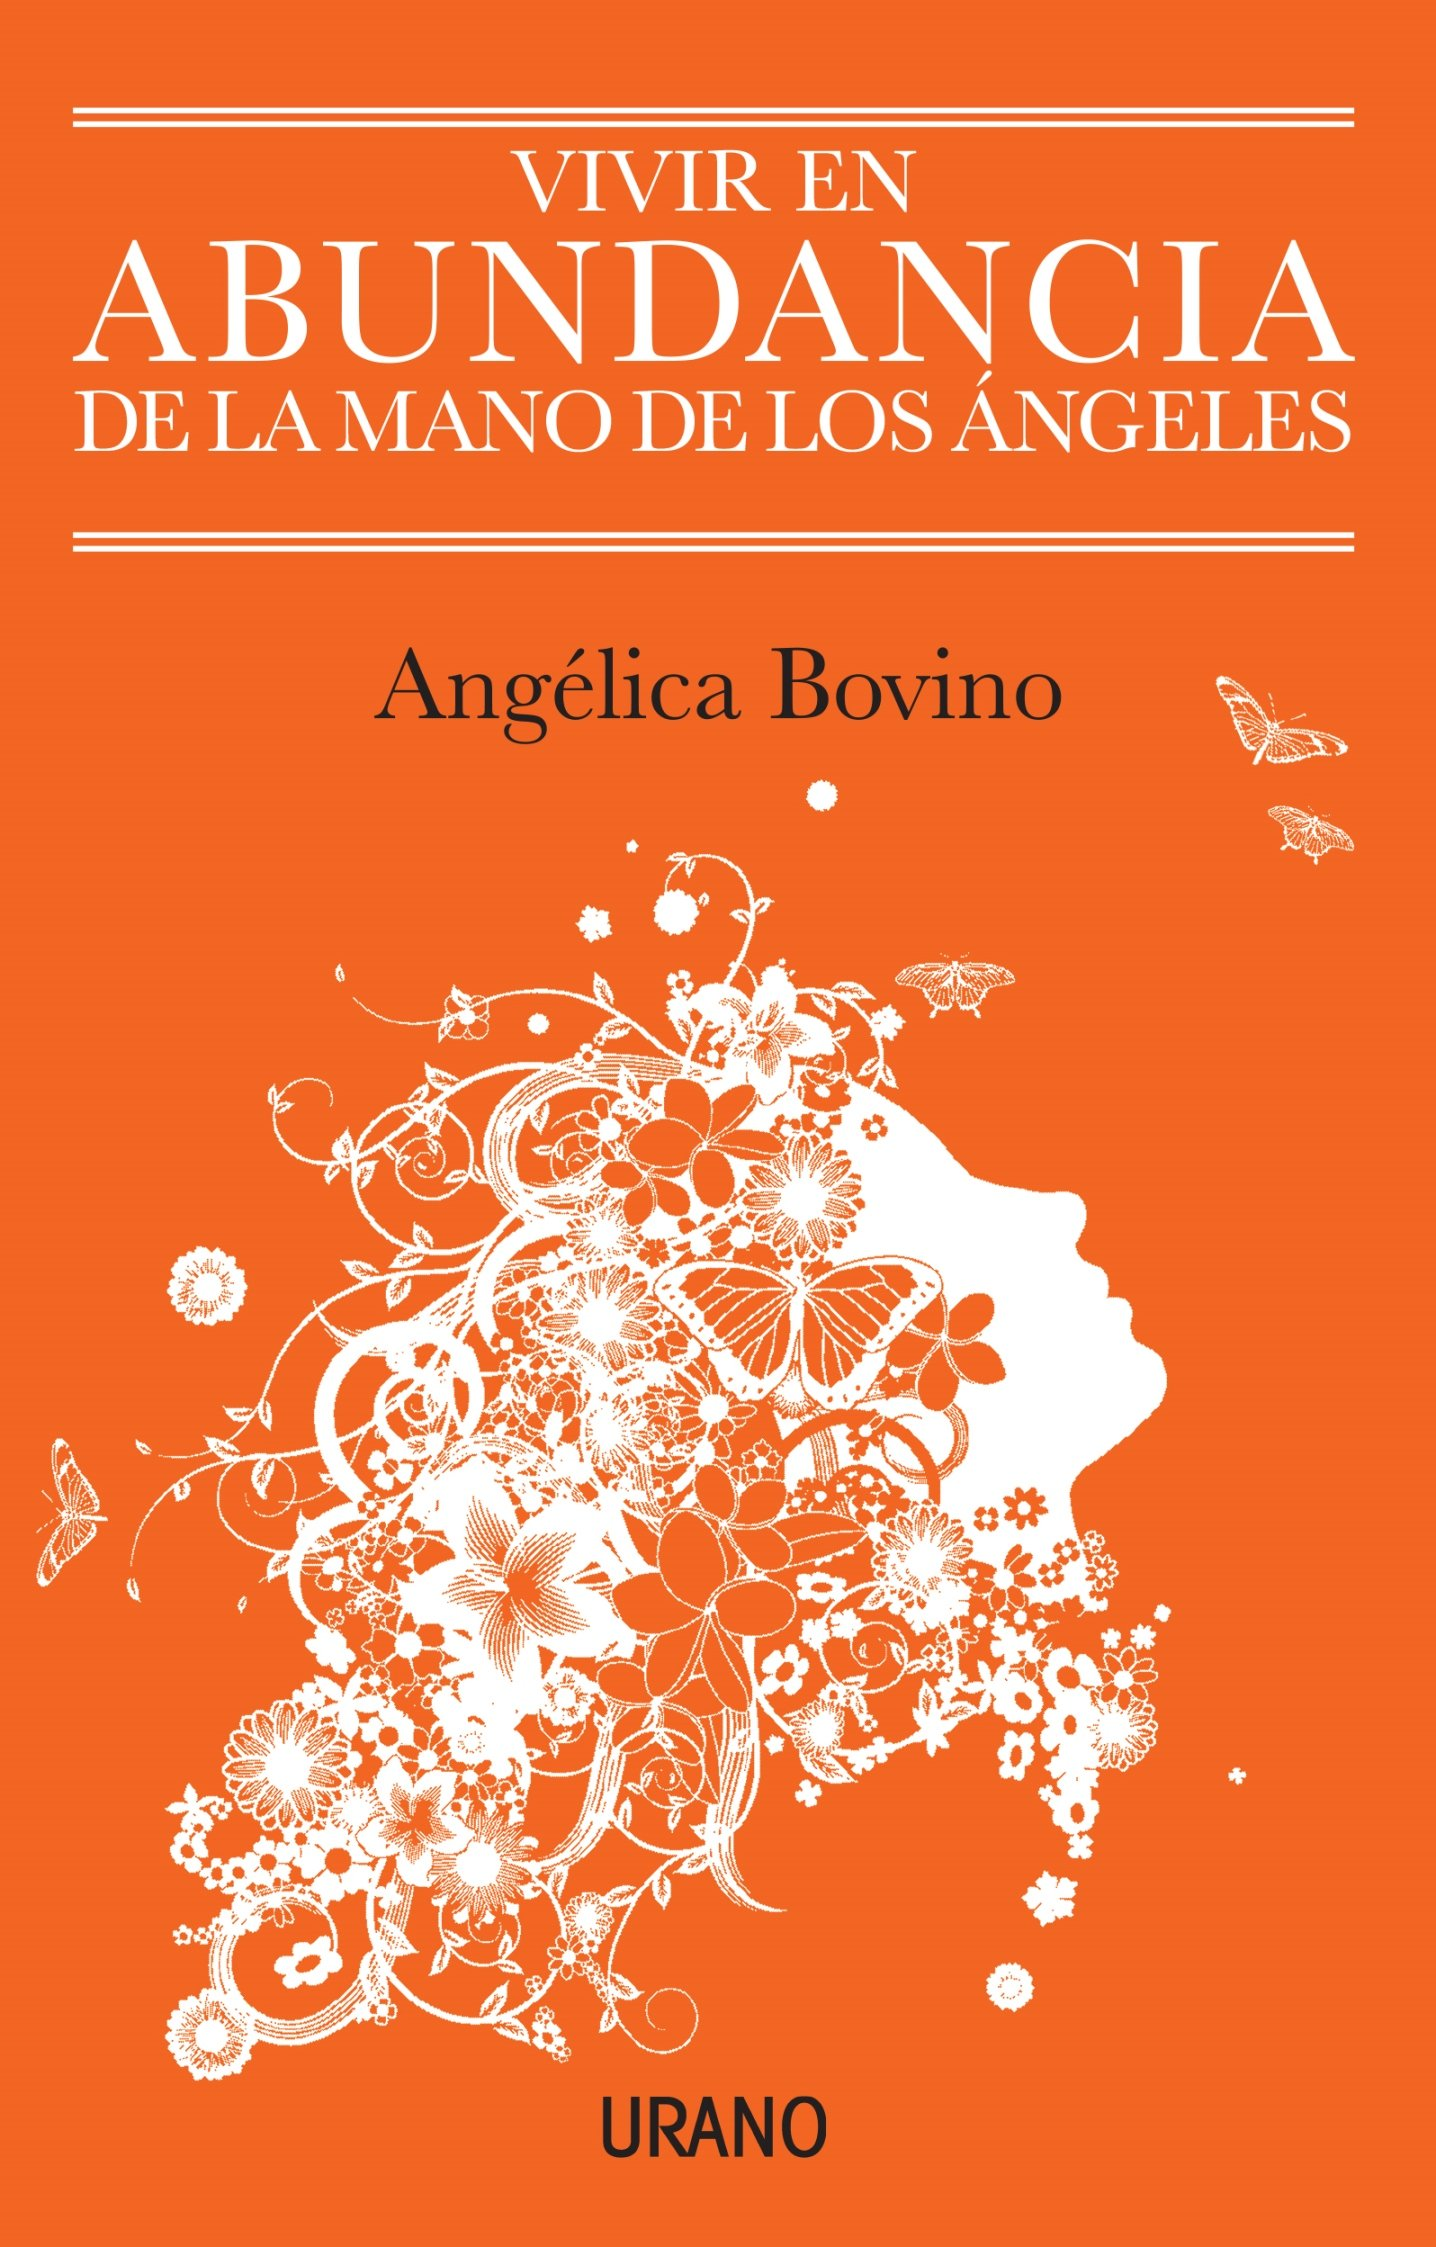 Read Online Vivir en abundancia de la mano de los ángeles (Spanish Edition) PDF